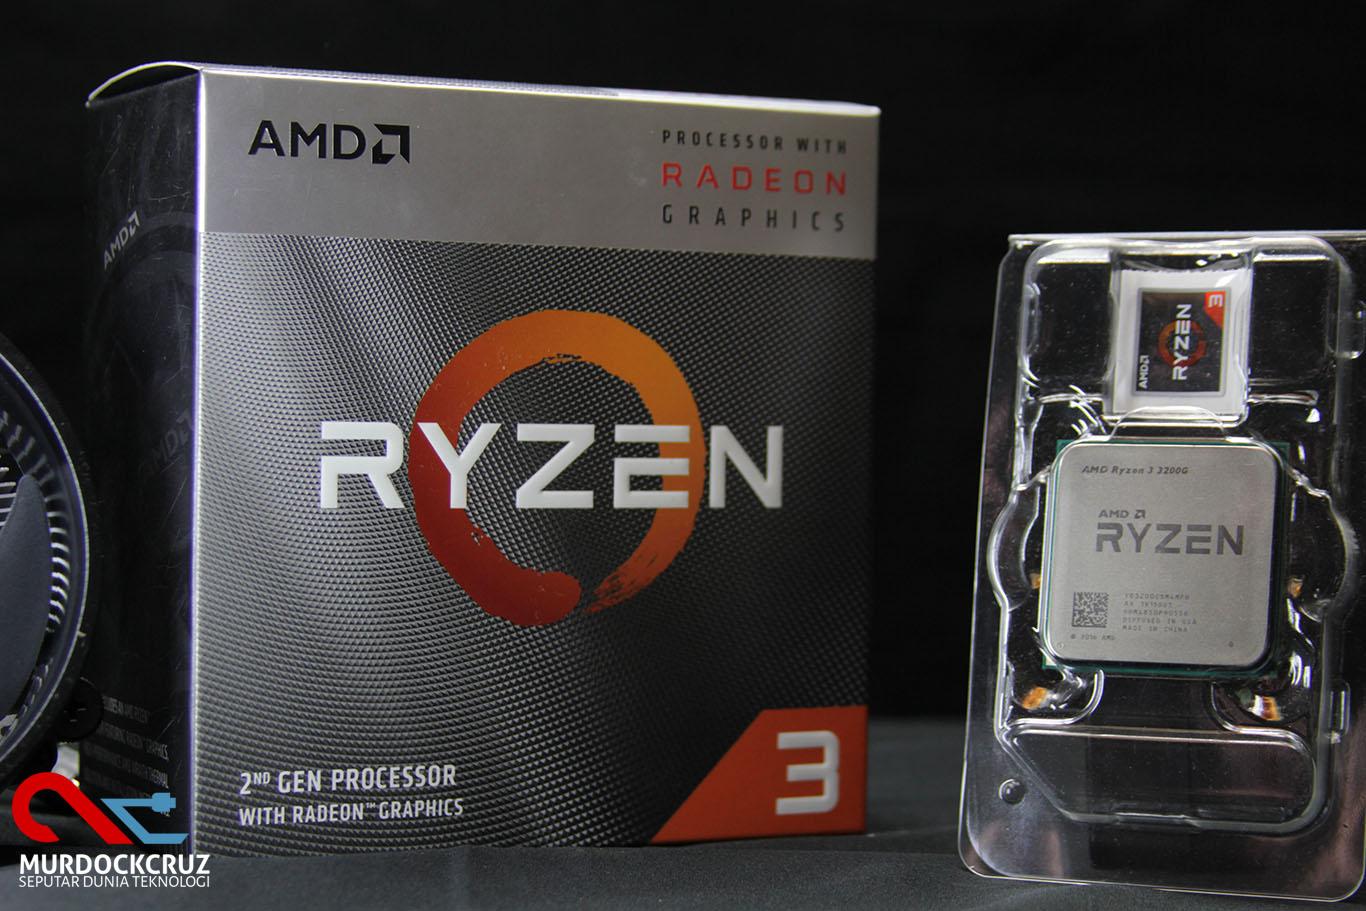 AMD Ryzen 3 3200G Review : Budget CPU Powerful Dengan Banyak